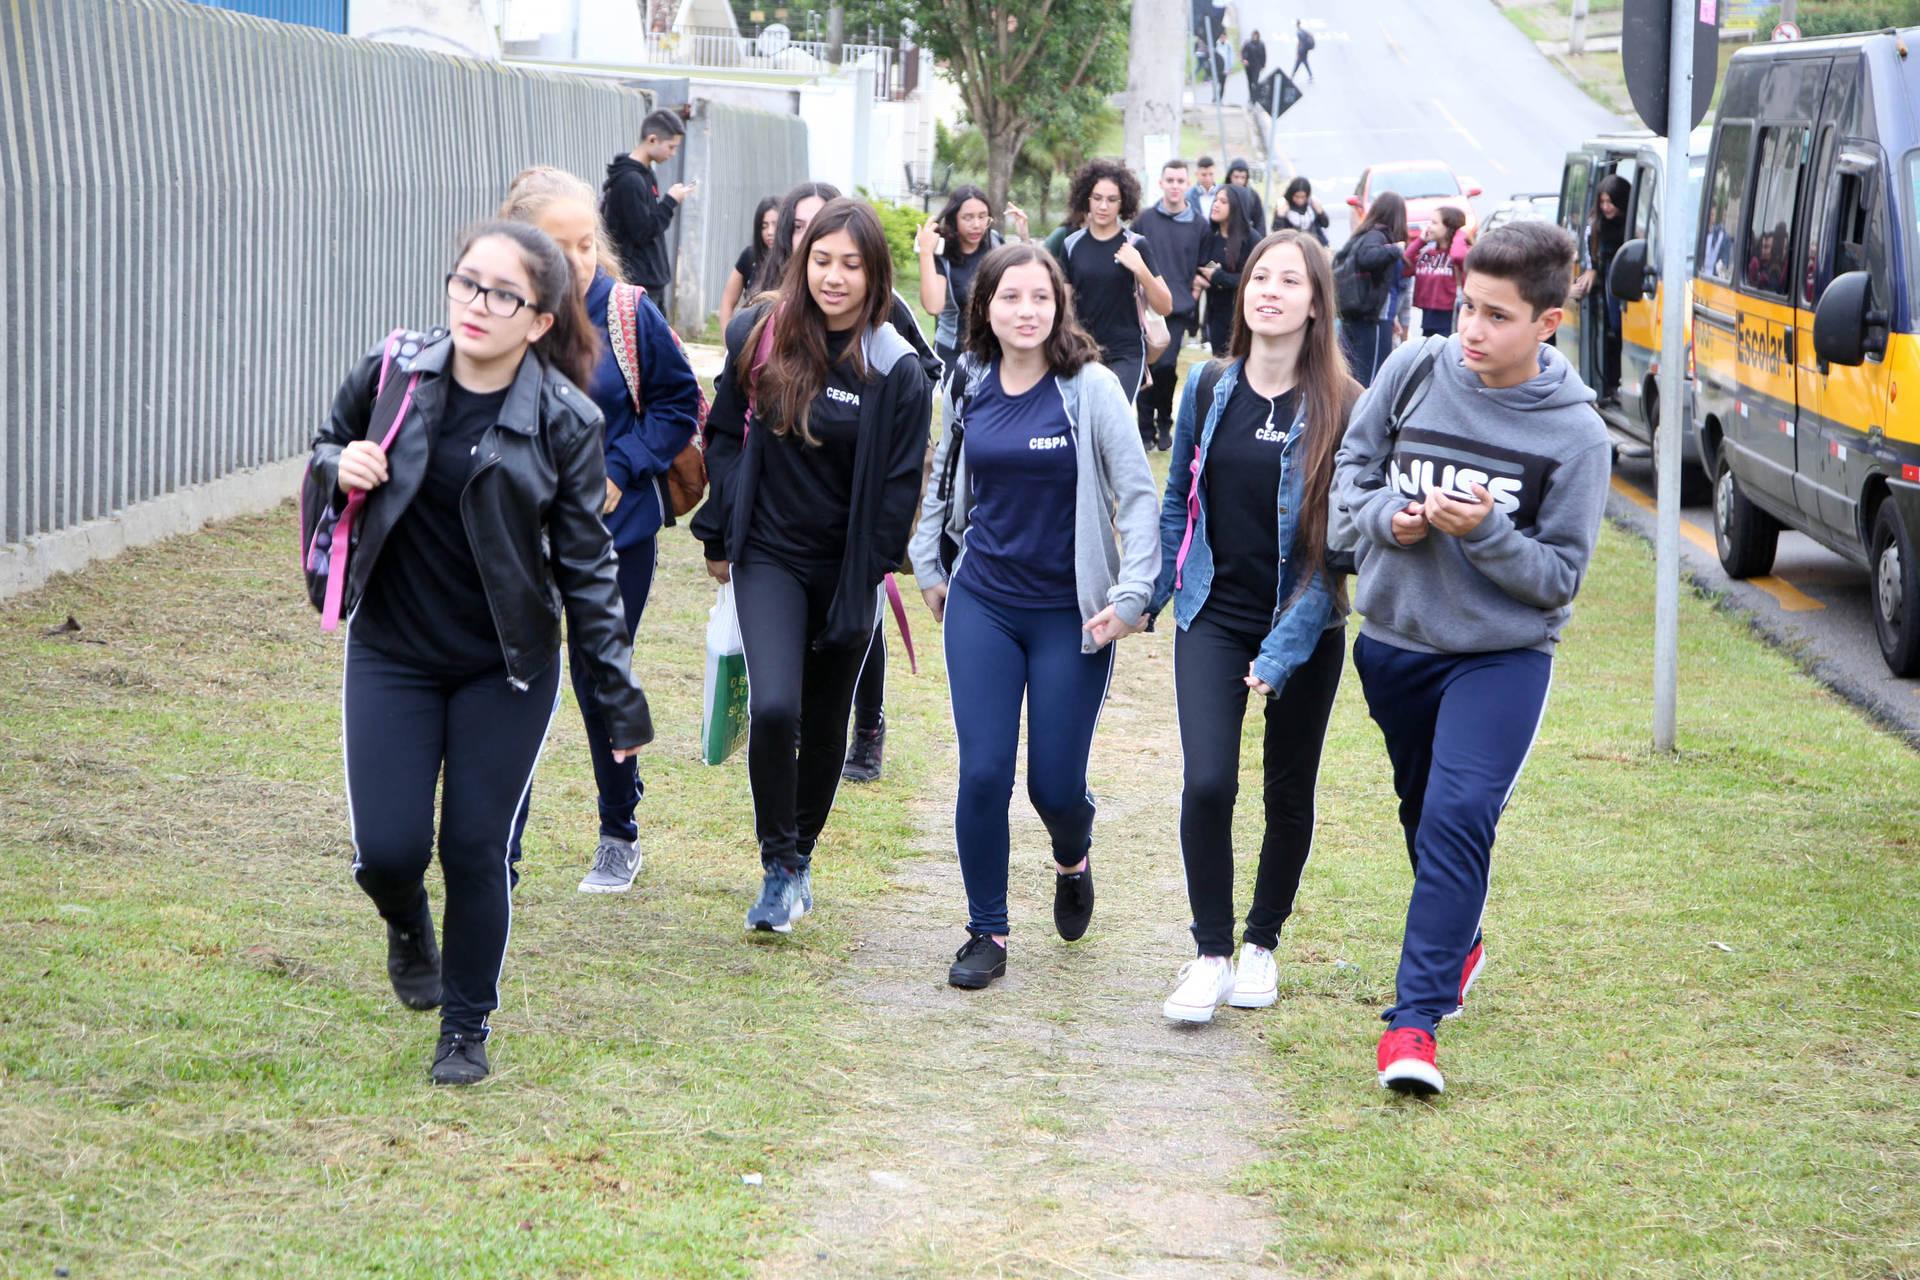 Alunos e professores se mostram ansiosos com o início das atividades nas 2,1 mil escolas da rede estadual. Volta às aulas foi precedida por preparação coletiva de professores, pedagogos e diretores